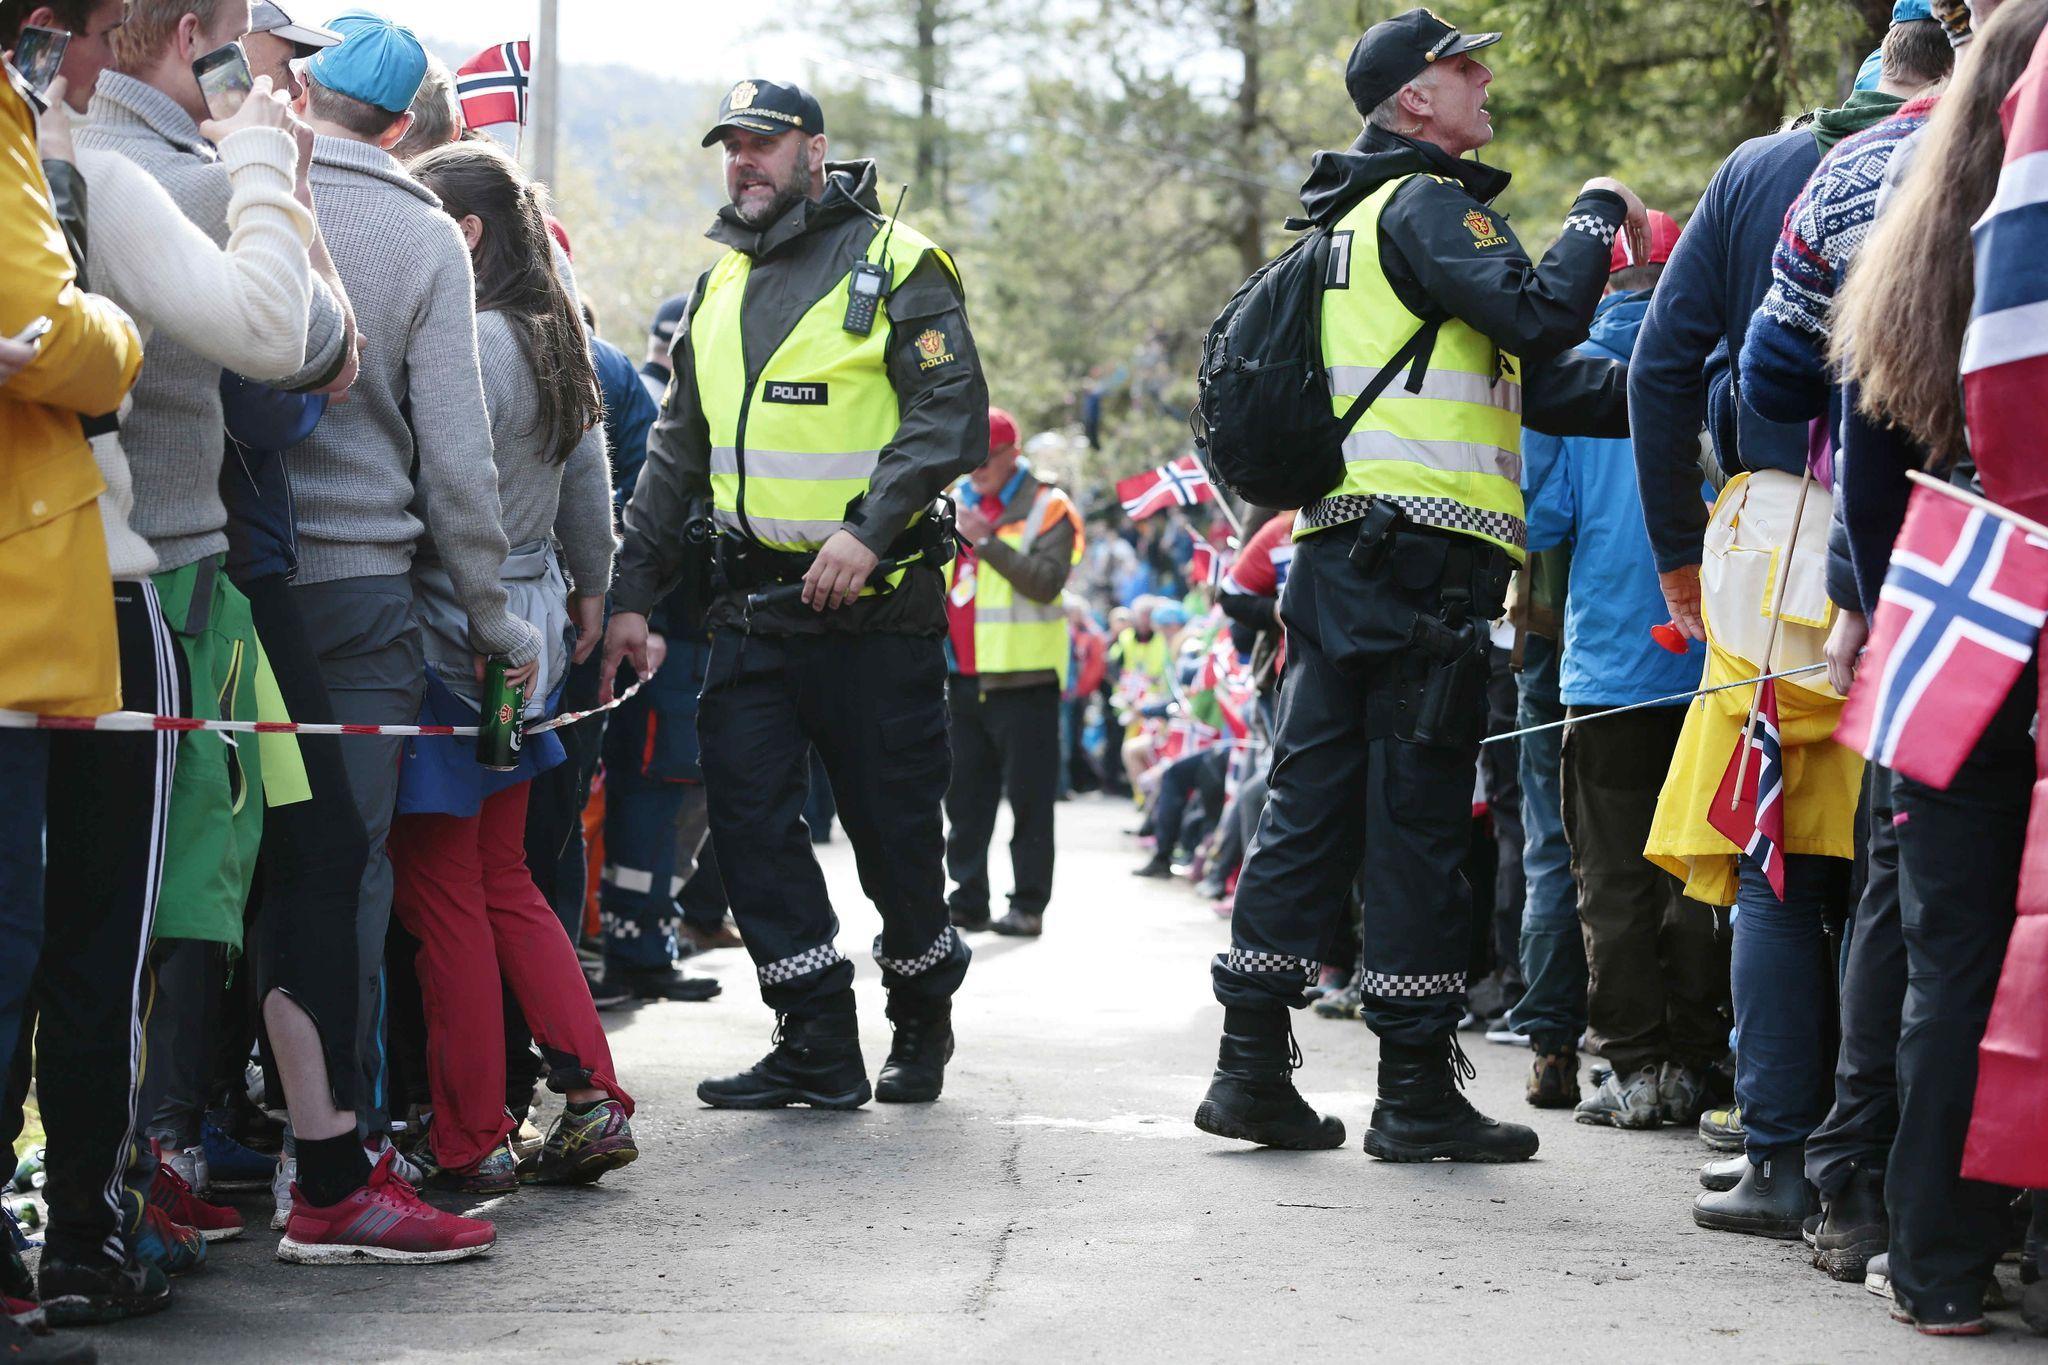 Politiet gjør sine nødvendige grep under etappen opp Fløyen. Foto: Tor Høvik